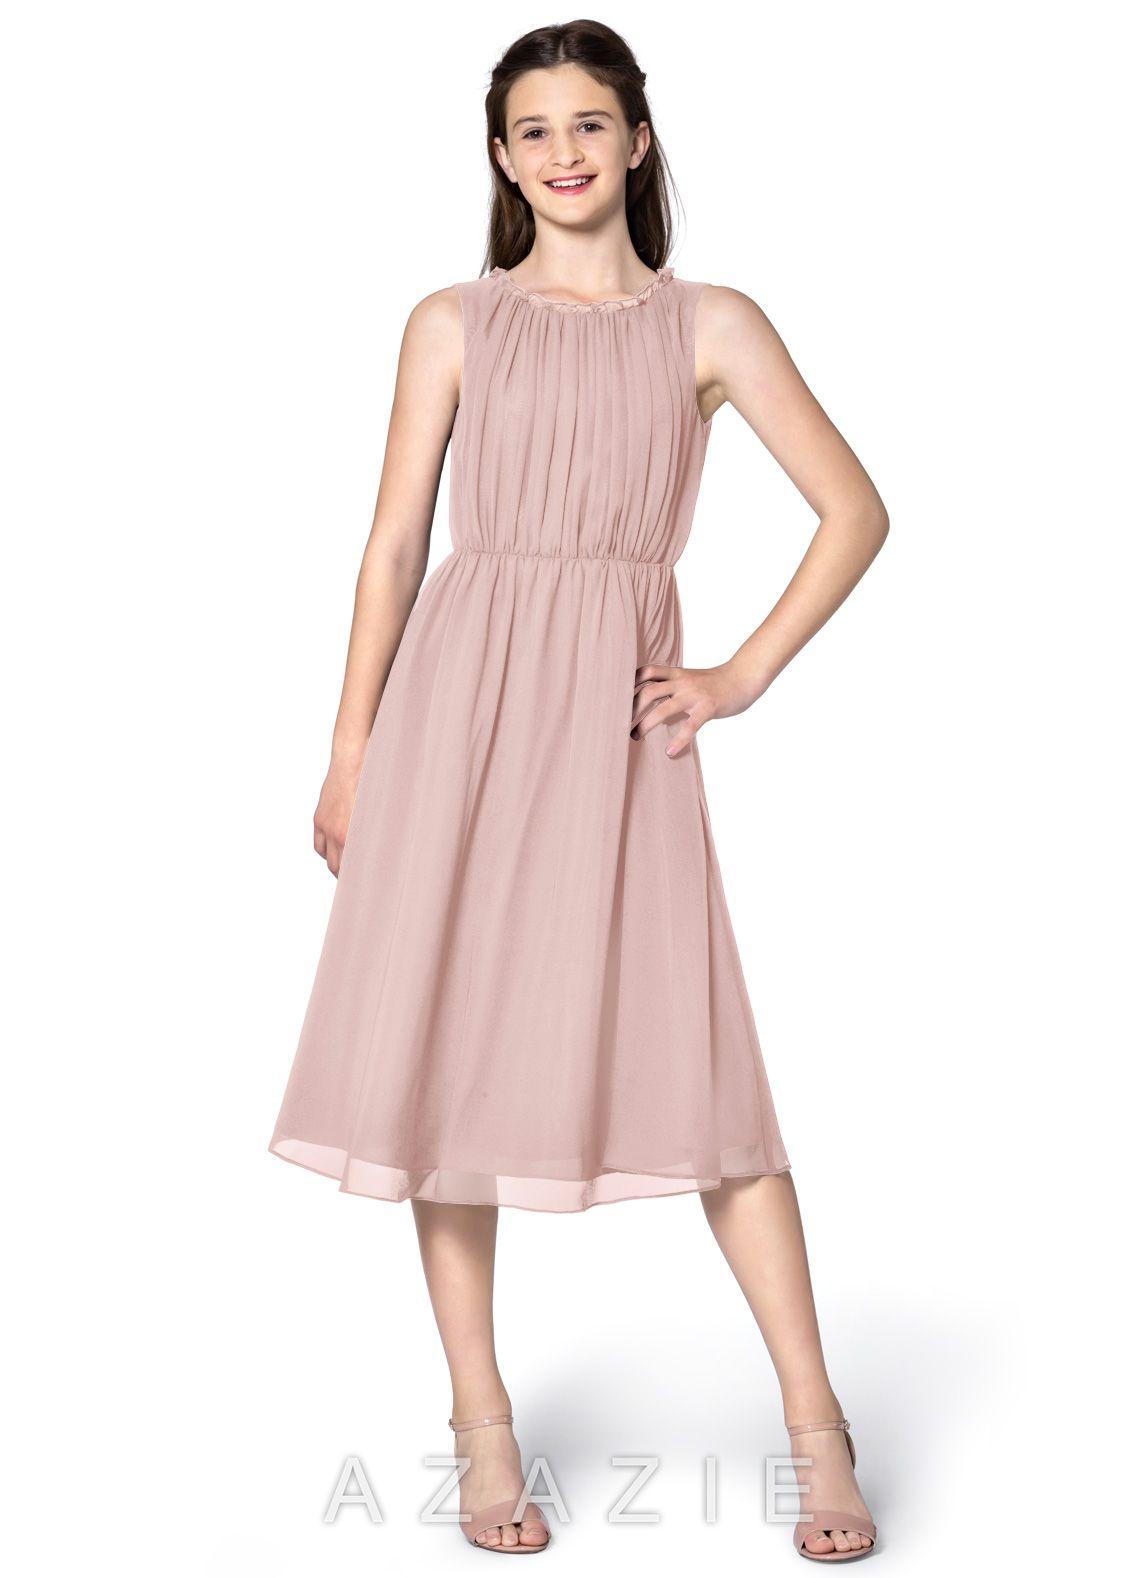 baead11e666 Silver Sage Junior Bridesmaid Dress - Data Dynamic AG